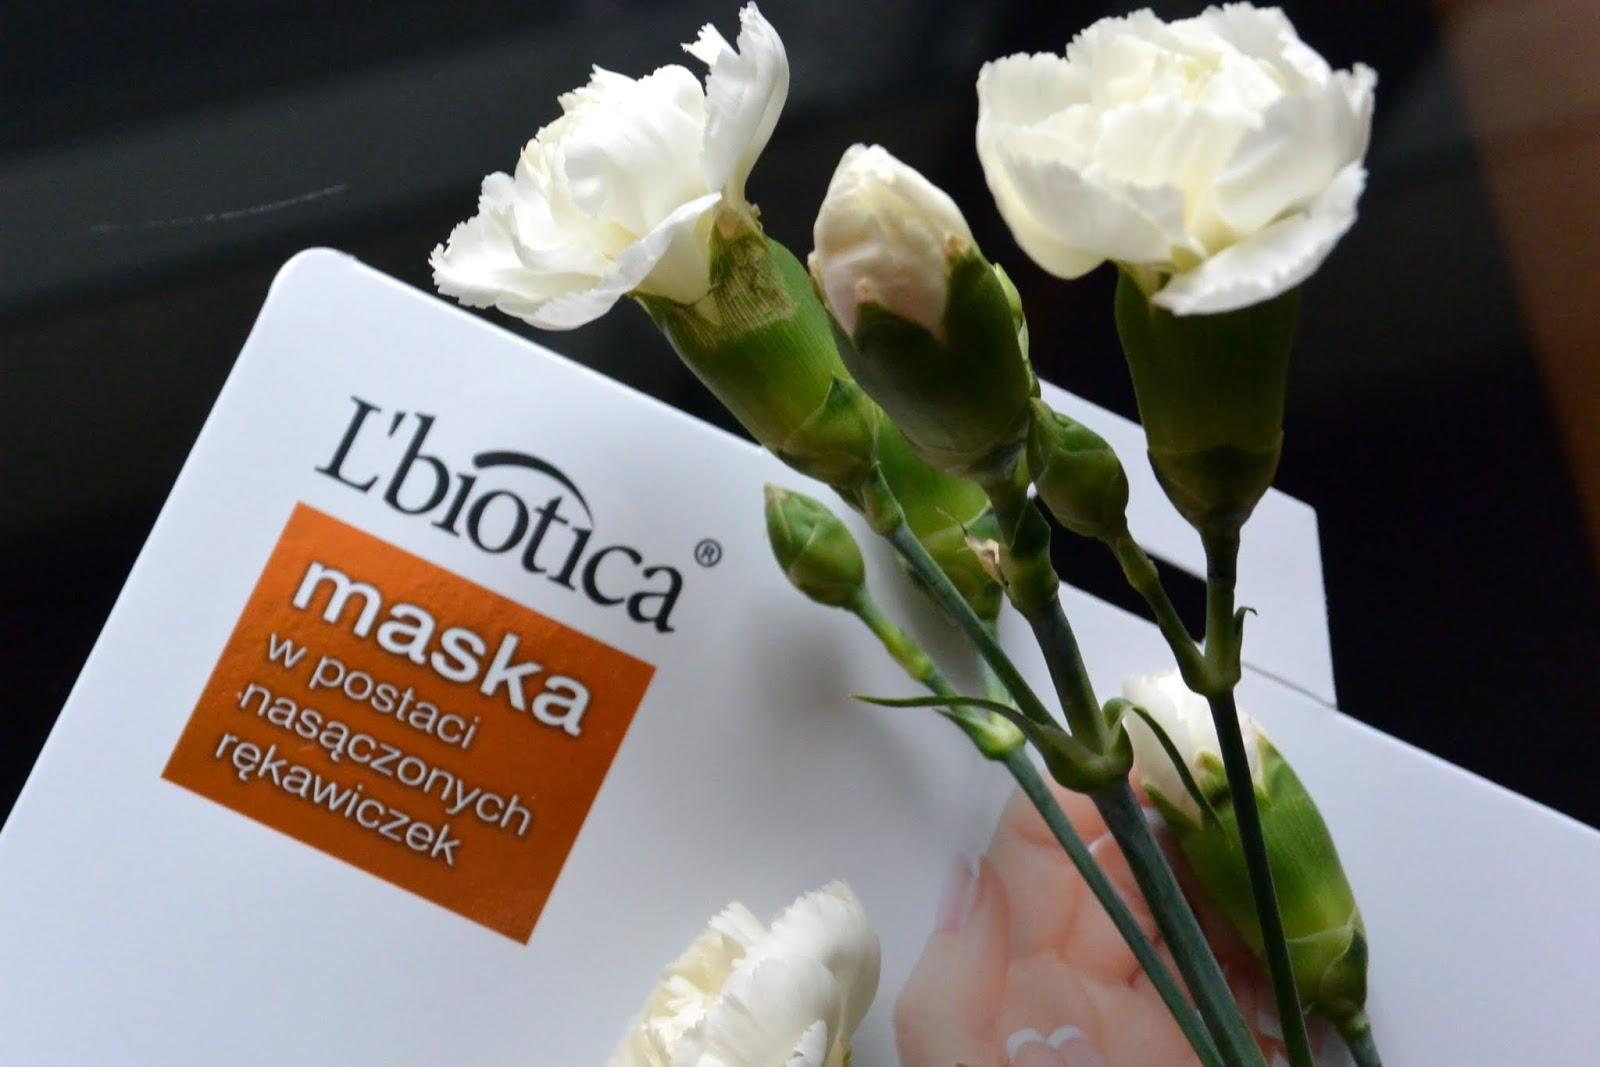 L'biotica – test białej rękawiczki